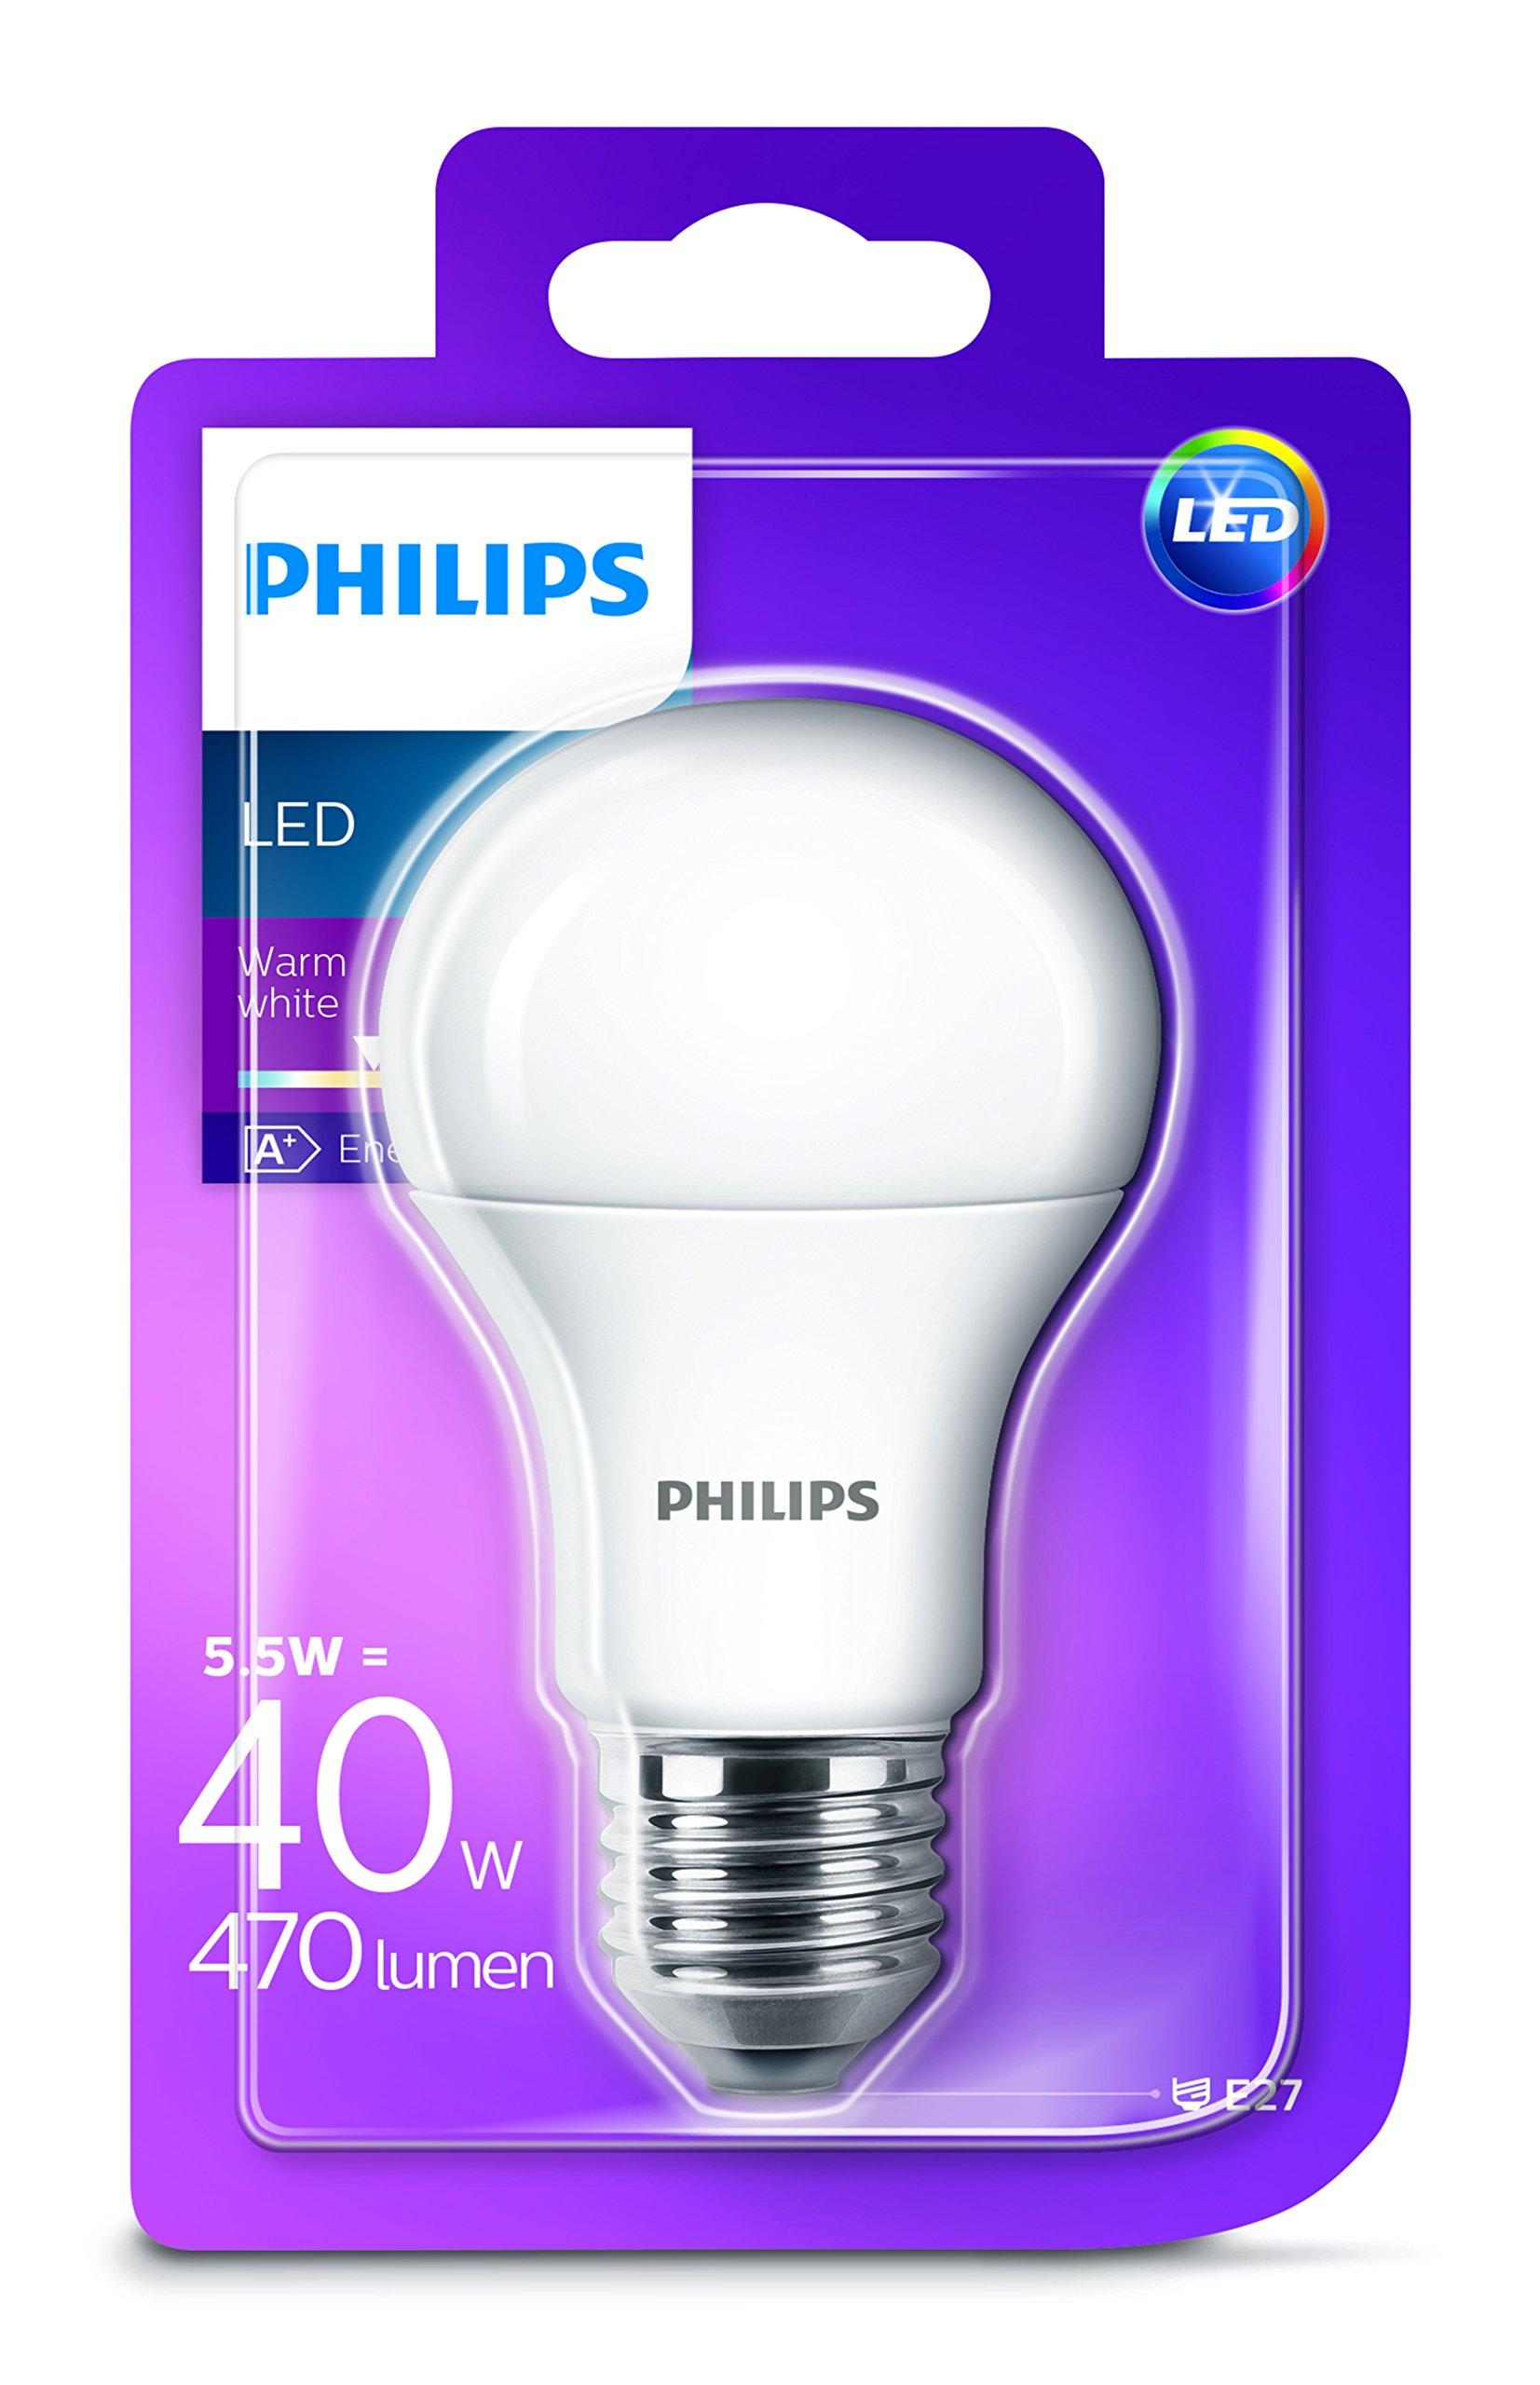 Philips LED Glühbirne mit E27 Fassung, Synthetisch, E27, 5.5 W, weiß, Einzelpackung